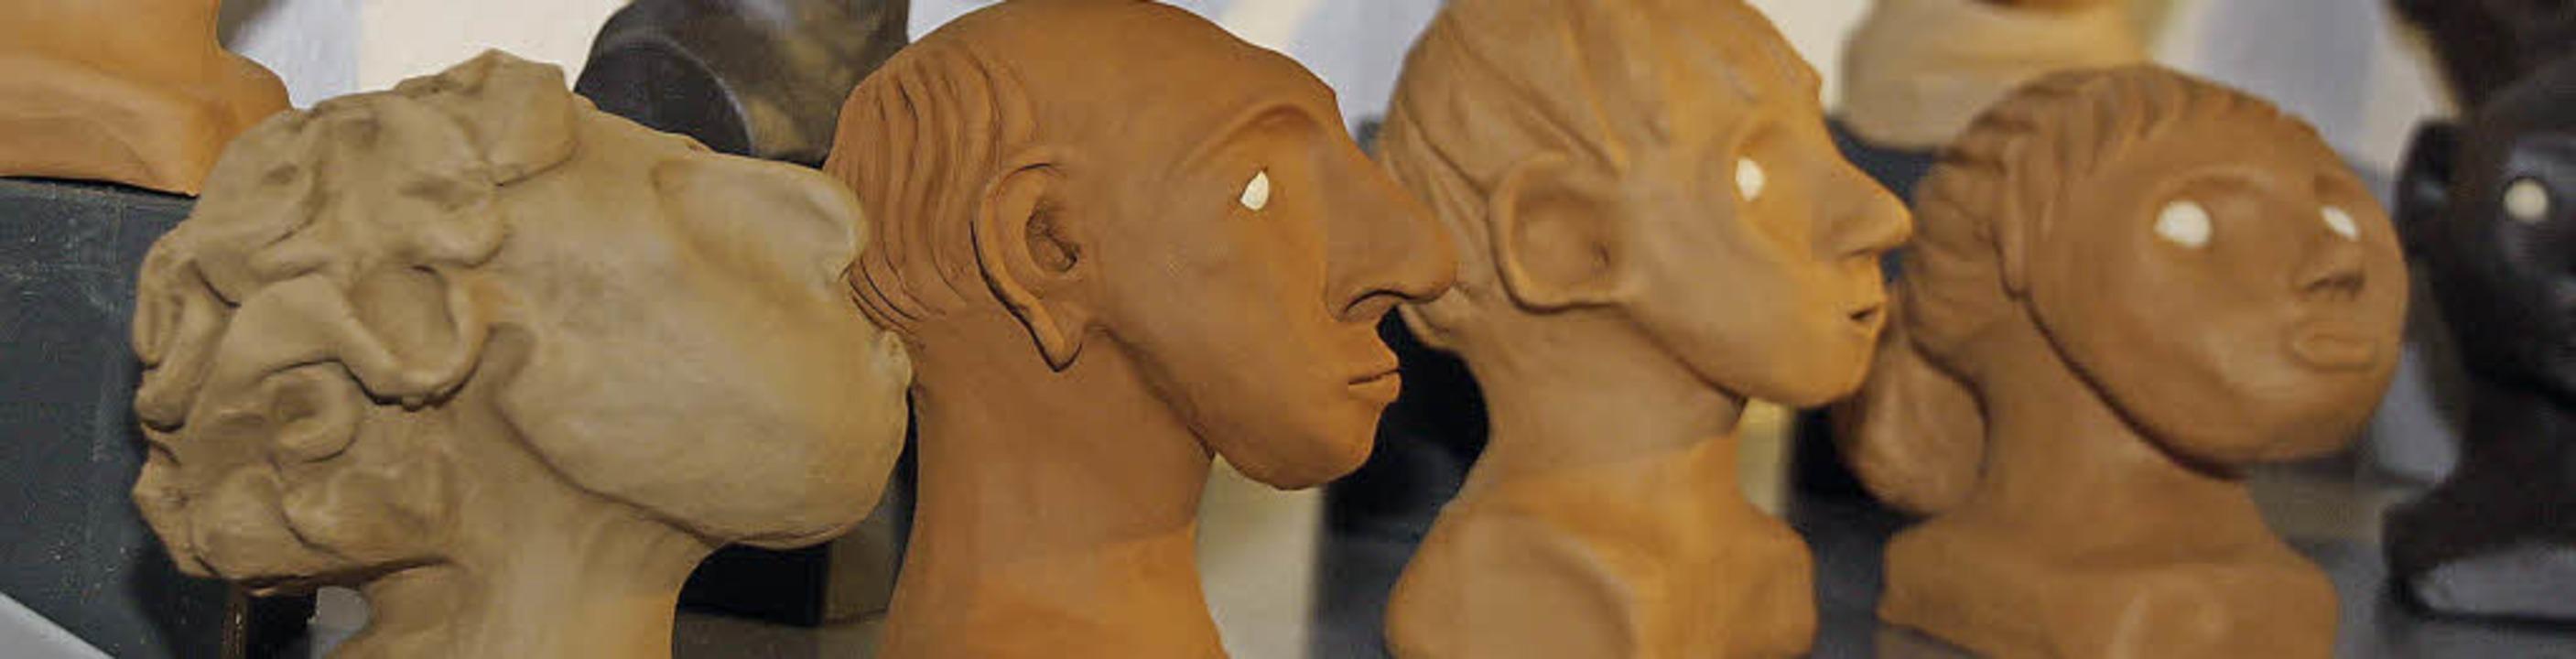 Die Künstlerin Dorothee Lang stellt Kopfskulpturen aus Ton her.   | Foto: Christiane Franz